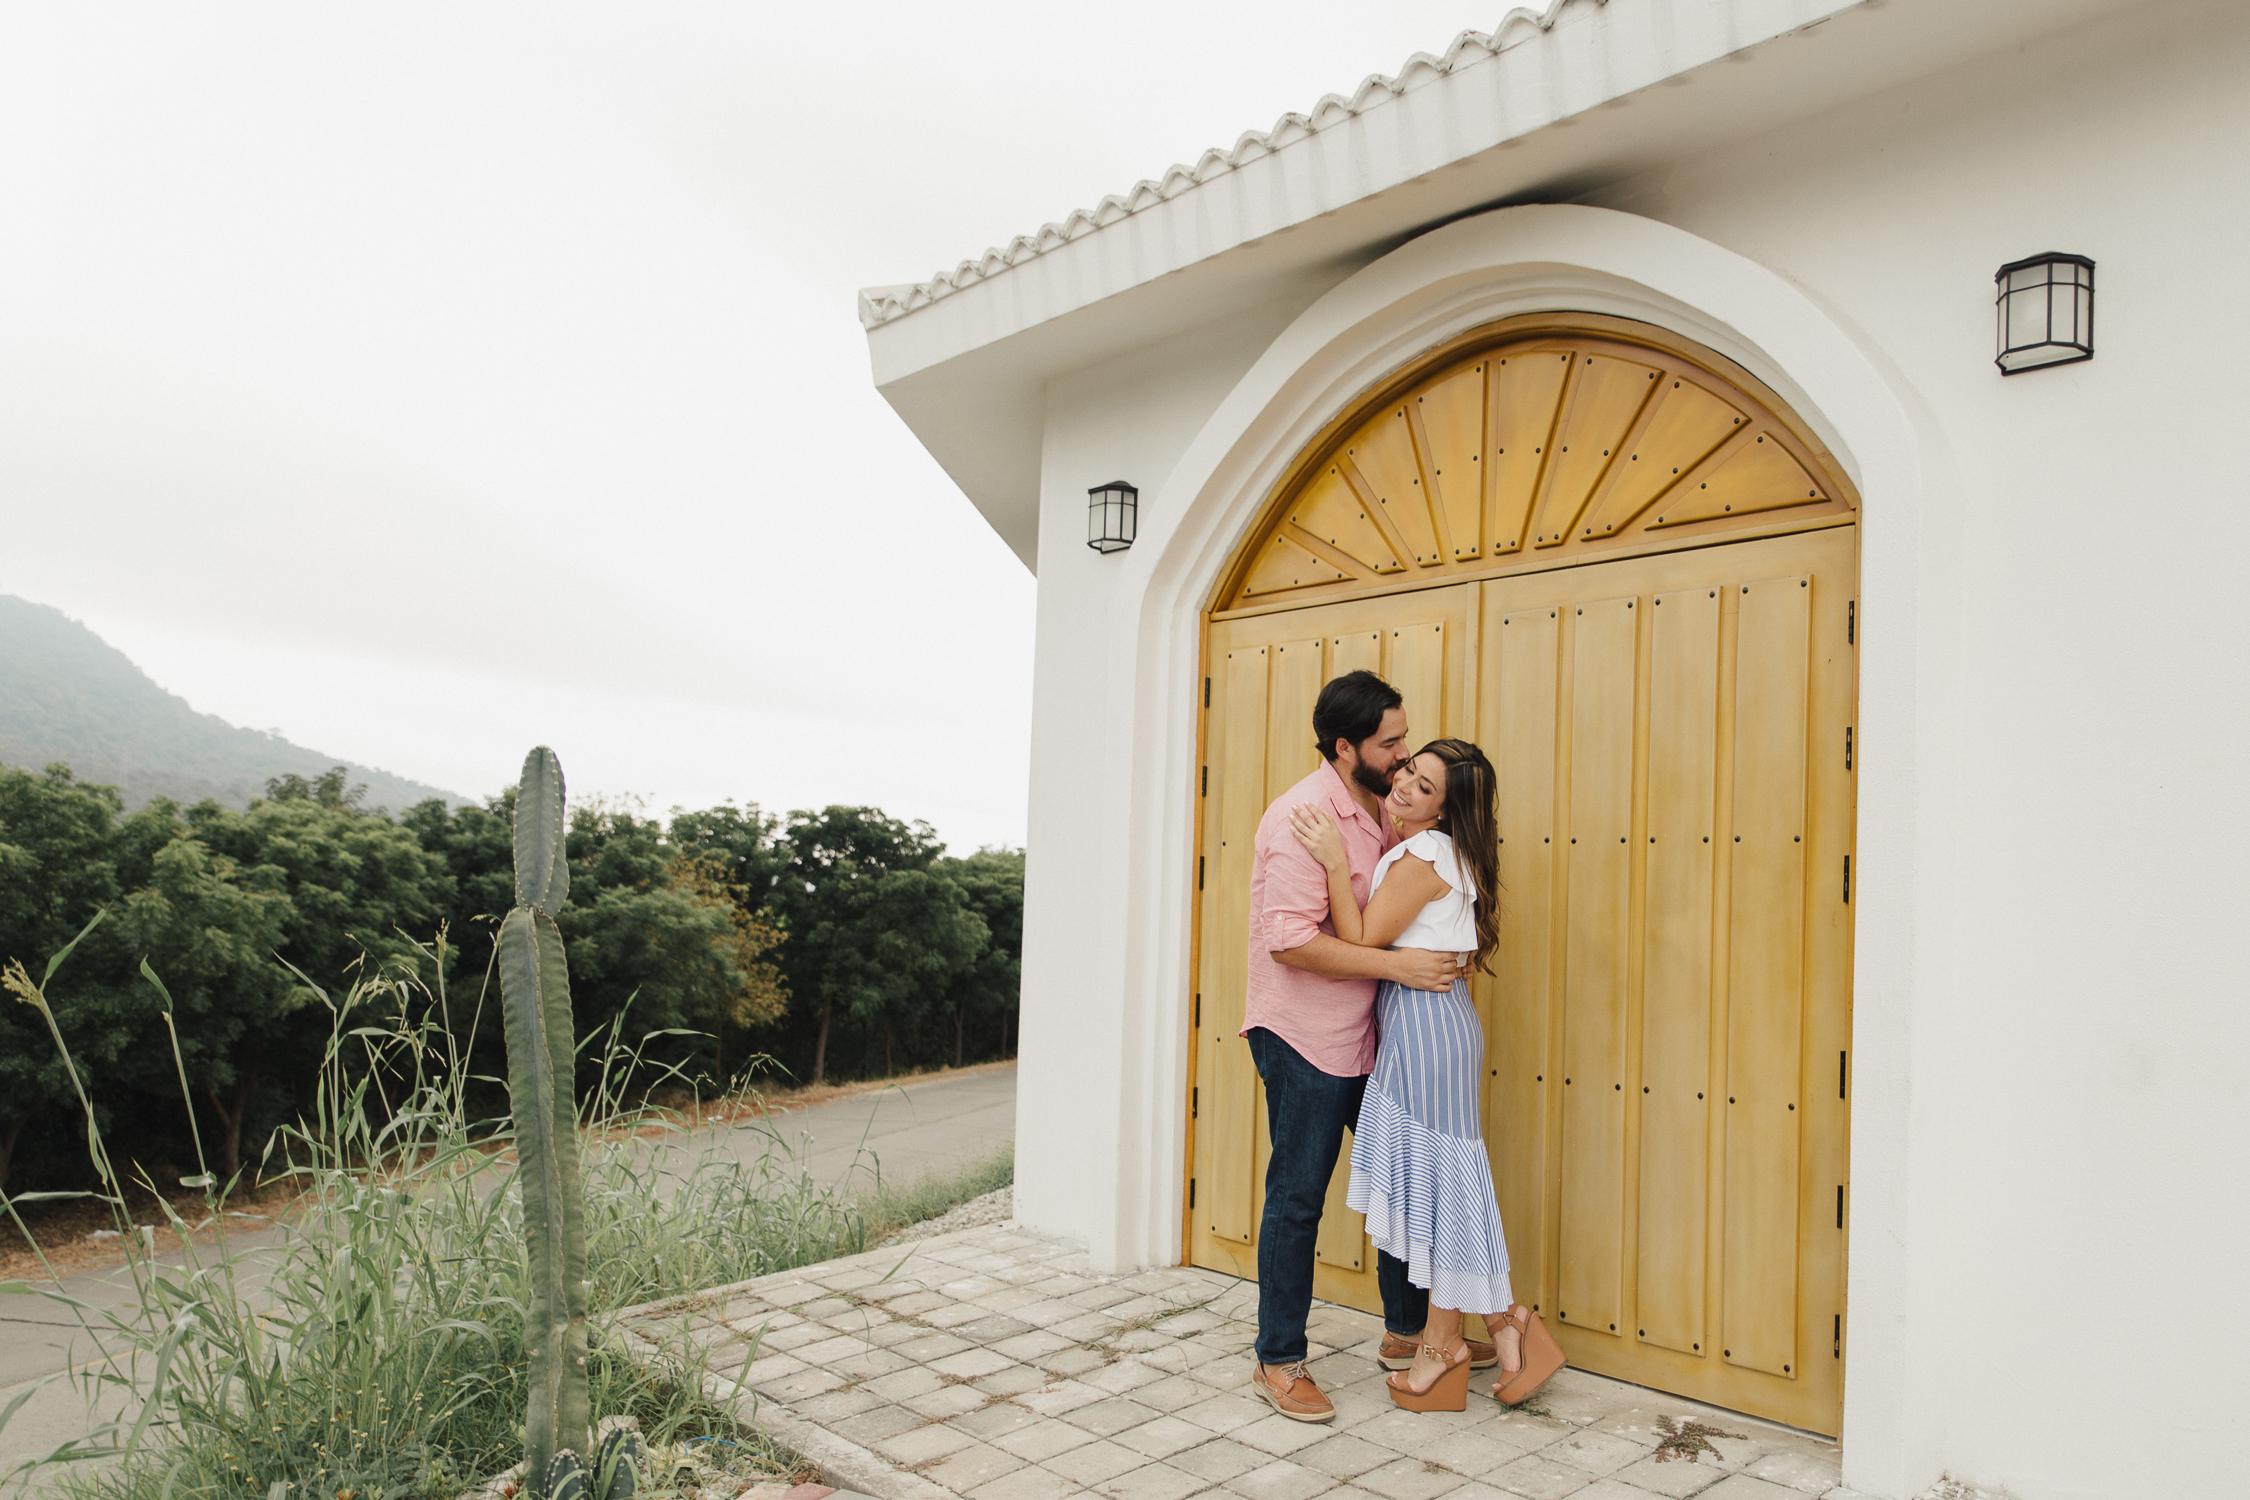 Michelle-Agurto-Fotografia-Bodas-Ecuador-Destination-Wedding-Photographer-Sesion-Maria-Gracia-Bonfy-53.JPG